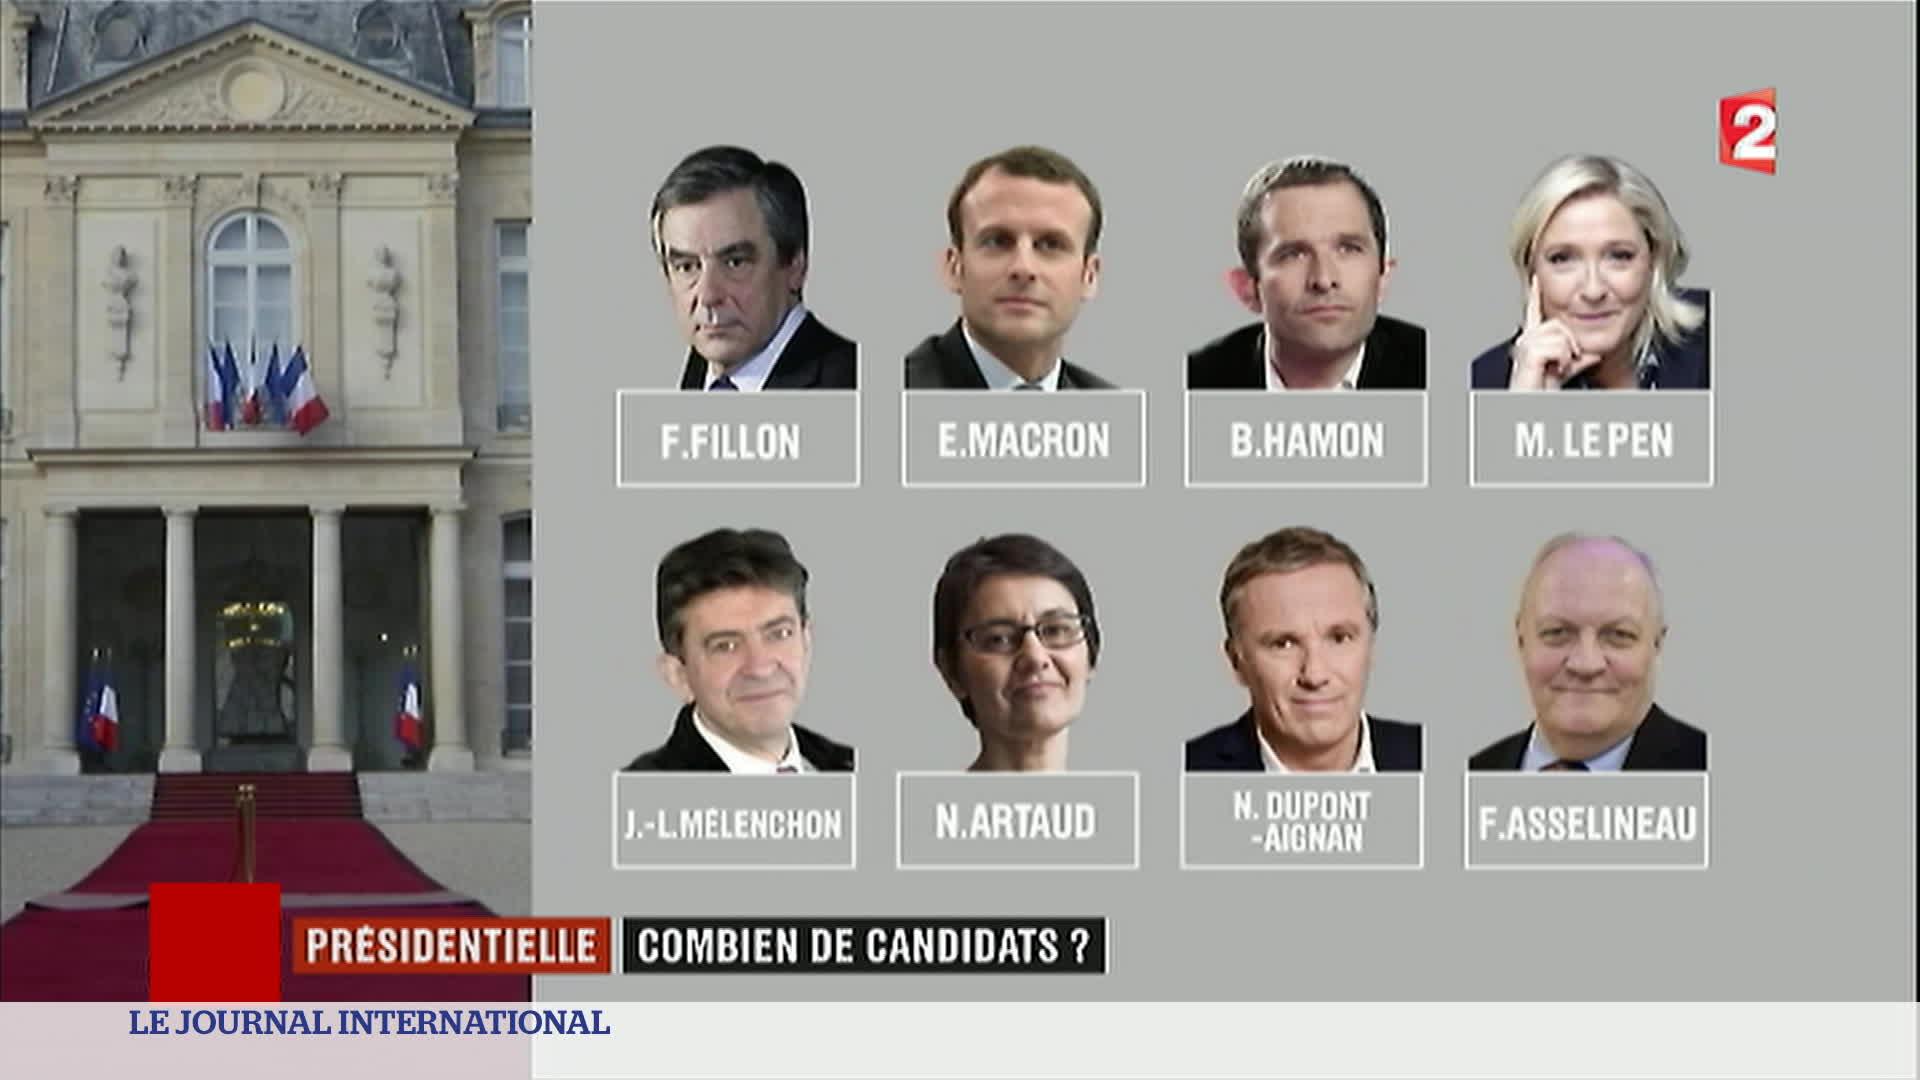 Politique : liste officielle des candidats à la présidentielle